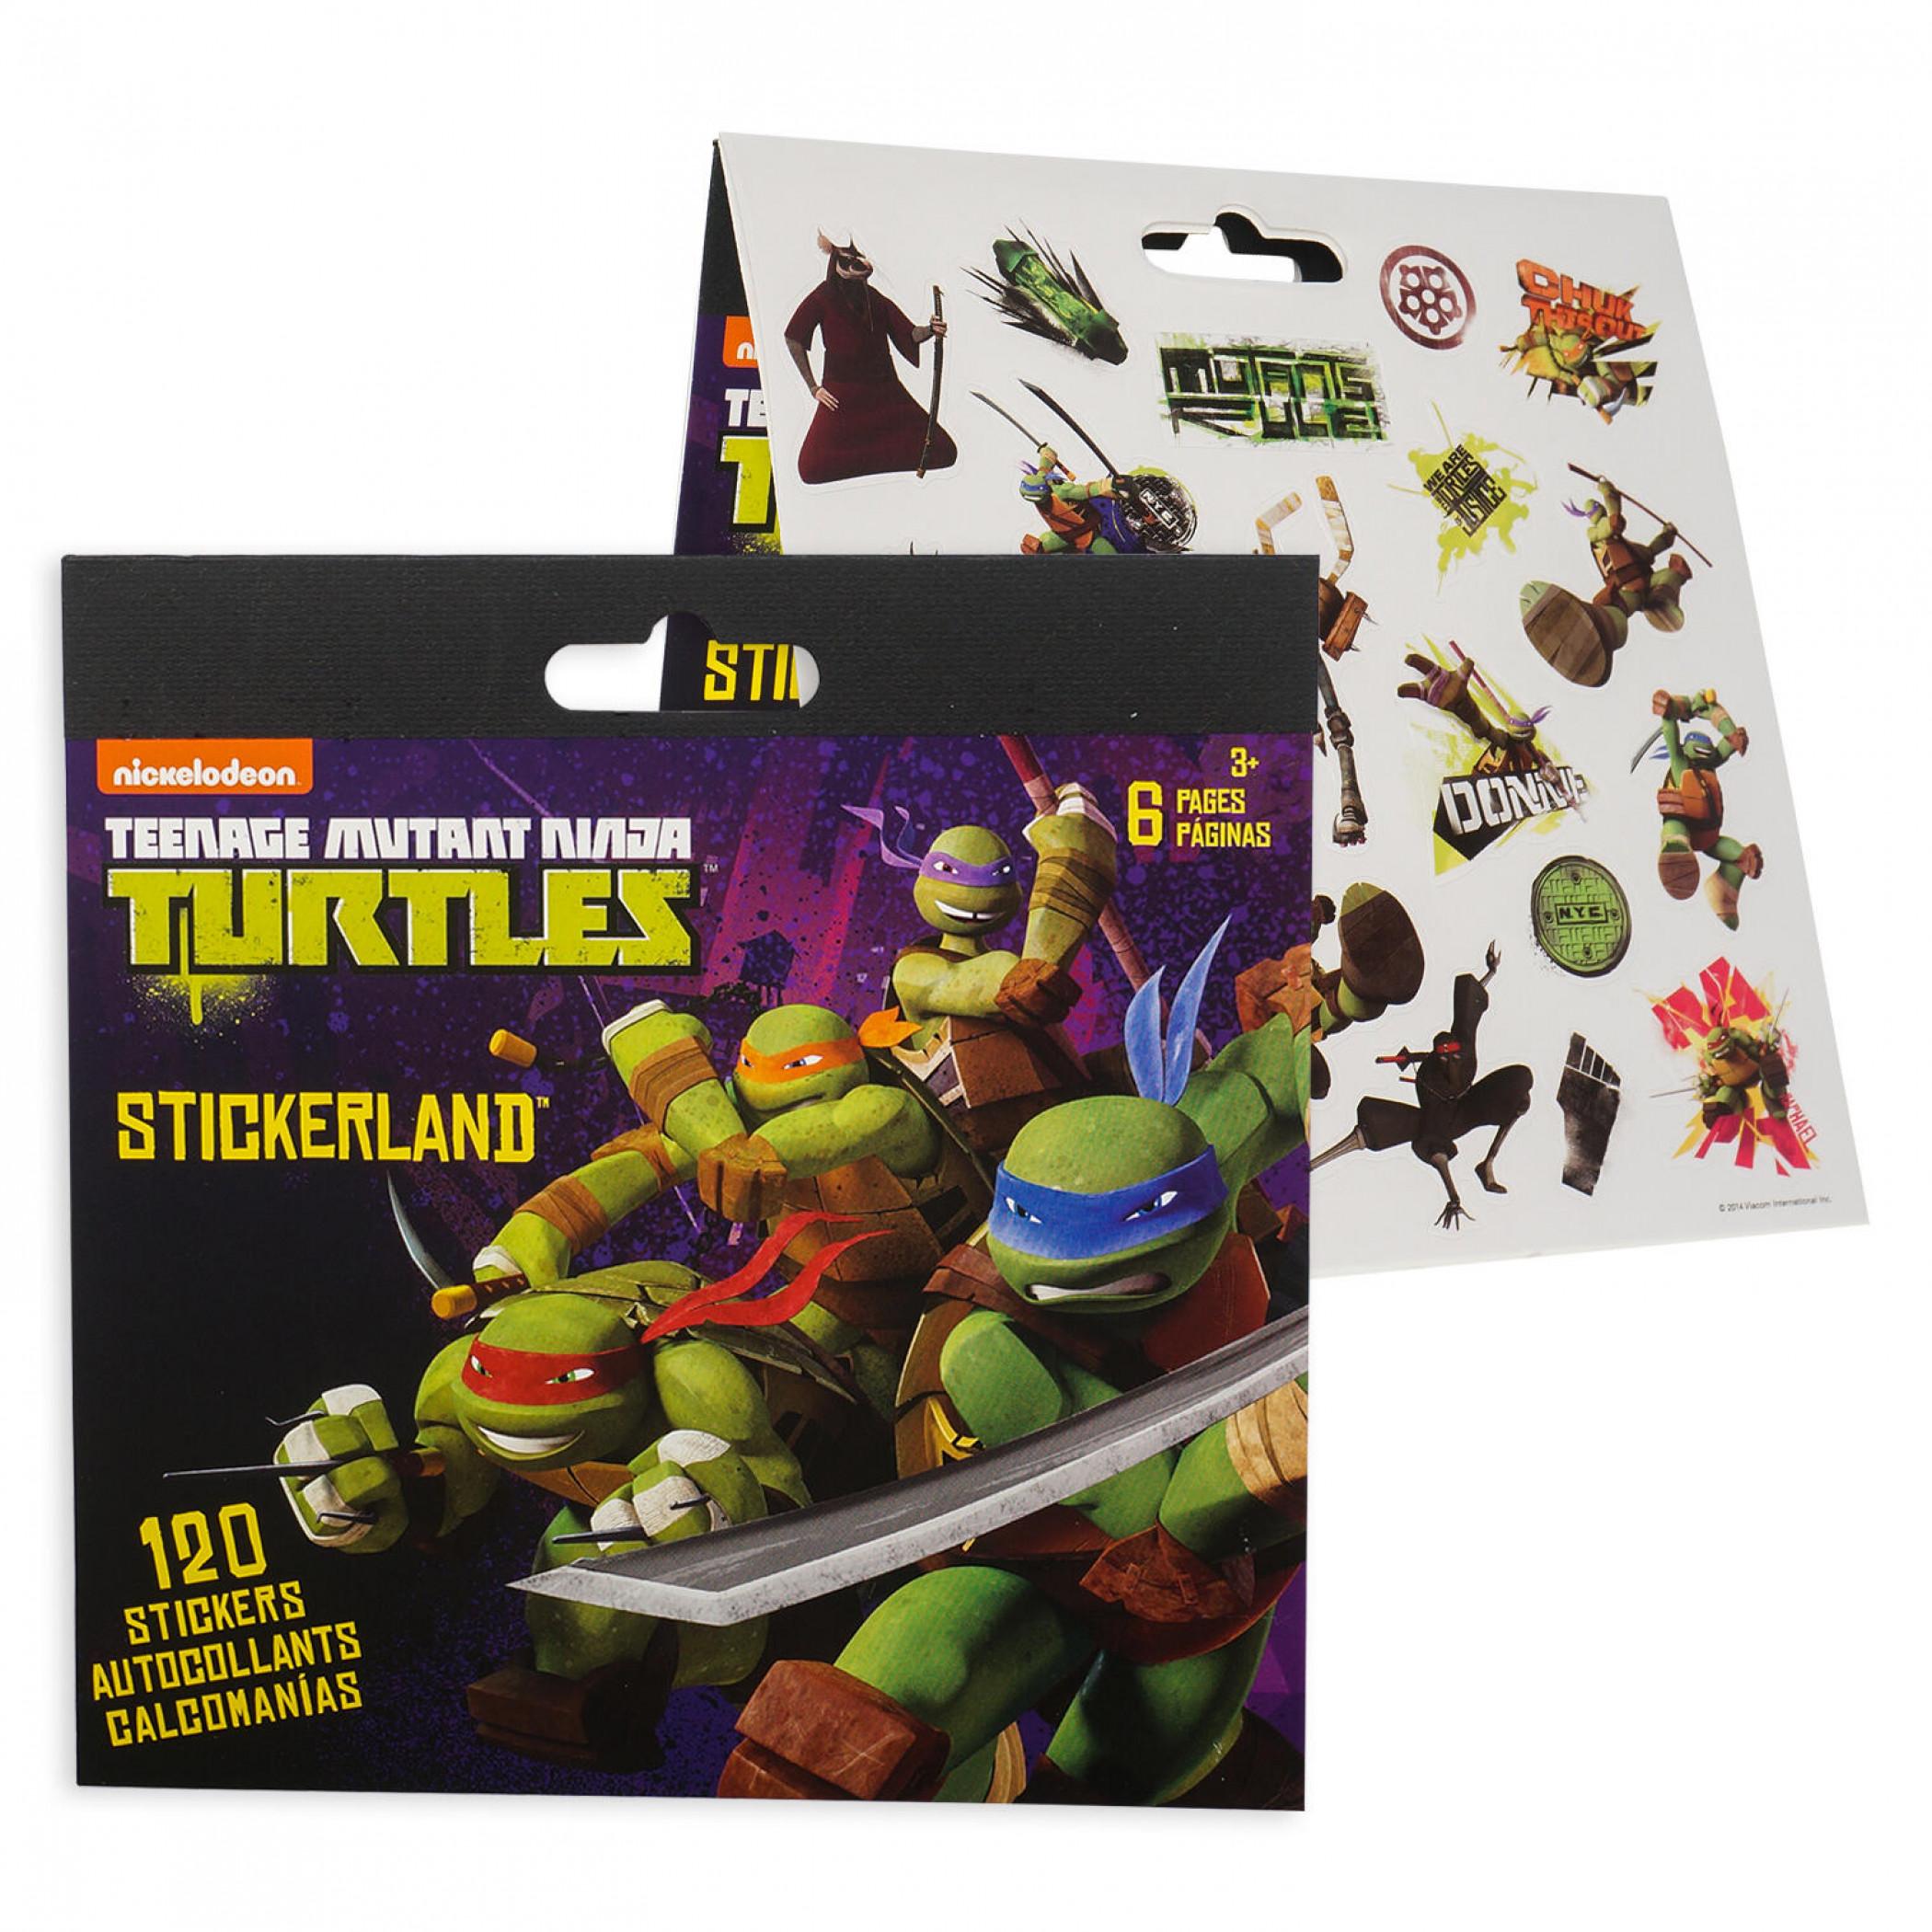 Teenage Mutant Ninja Turtles Sticker Pad